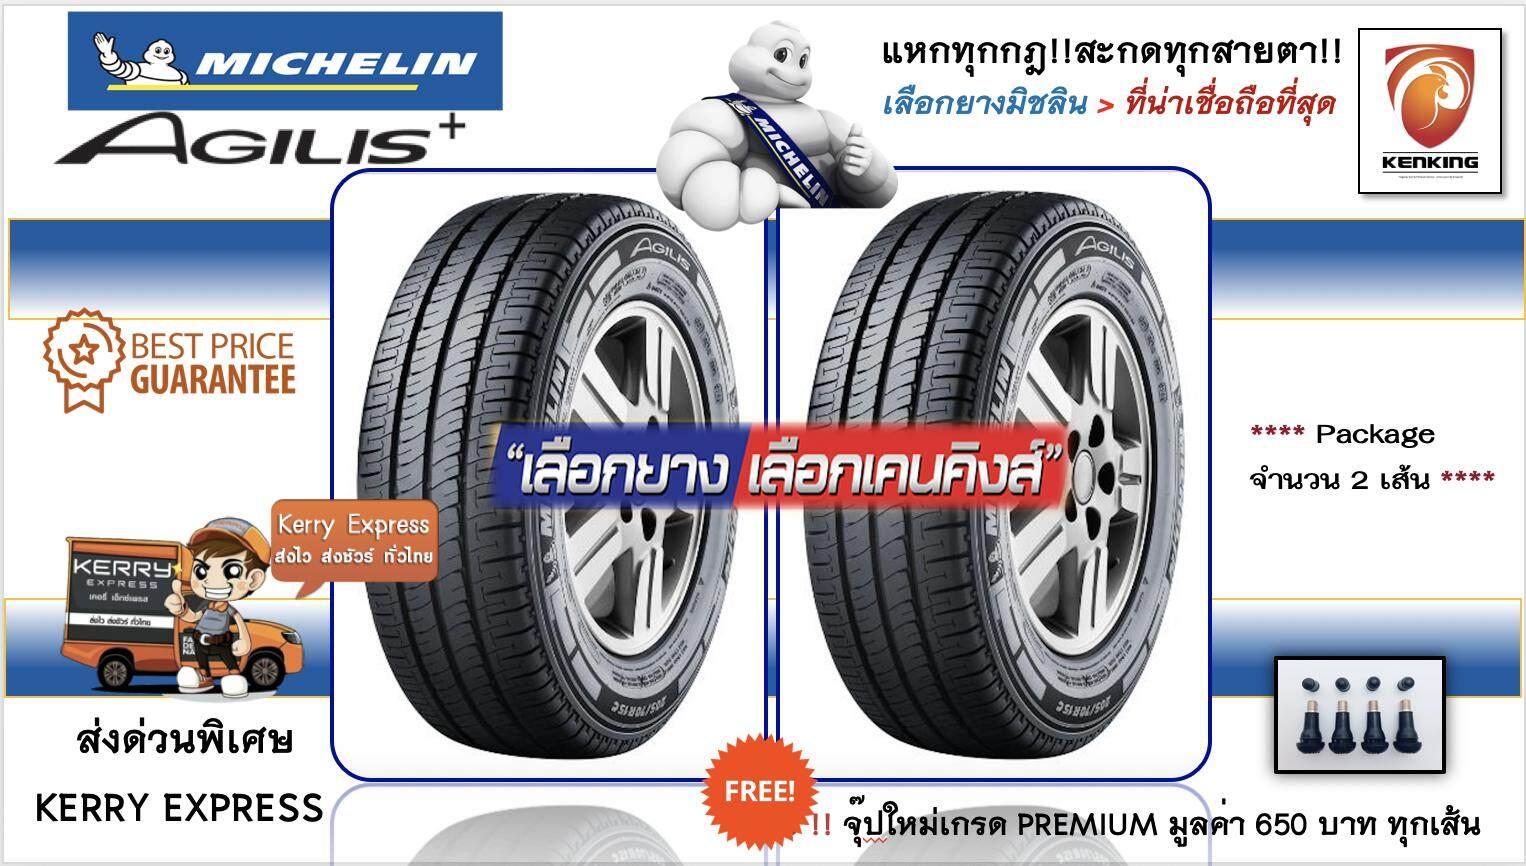 ประกันภัย รถยนต์ 3 พลัส ราคา ถูก อุทัยธานี ยางรถยนต์ขอบ16  Michelin 215/65 R16 AGILIS NEW!! 2019 (2เส้น )  FREE !! จุ๊ป PREMIUM BY KENKING POWER 650 บาท MADE IN JAPAN แท้ (ลิขสิทธิแท้รายเดียว)